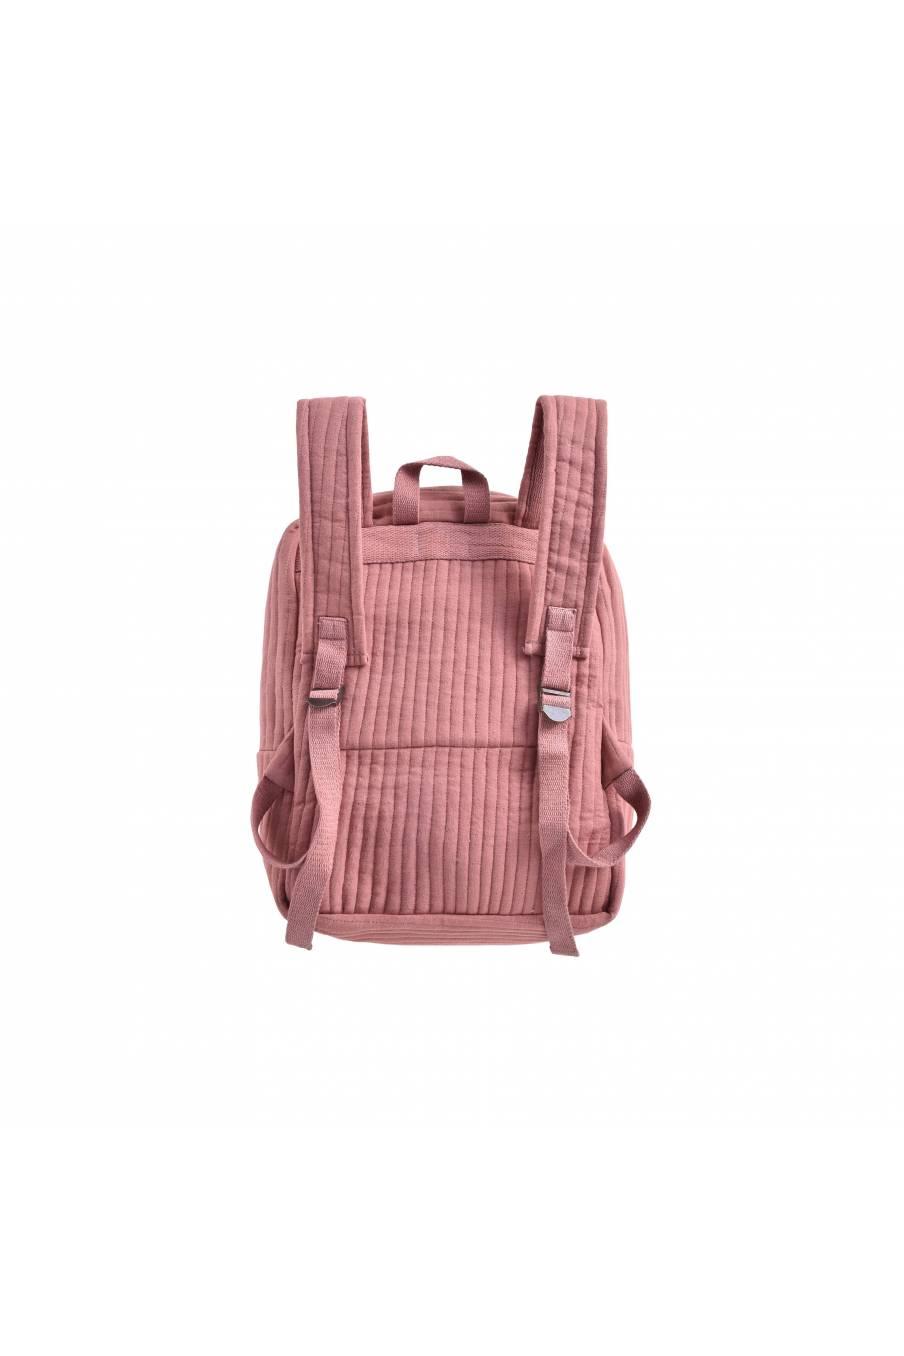 boheme chic vintage sac à dos unisex alois redwood